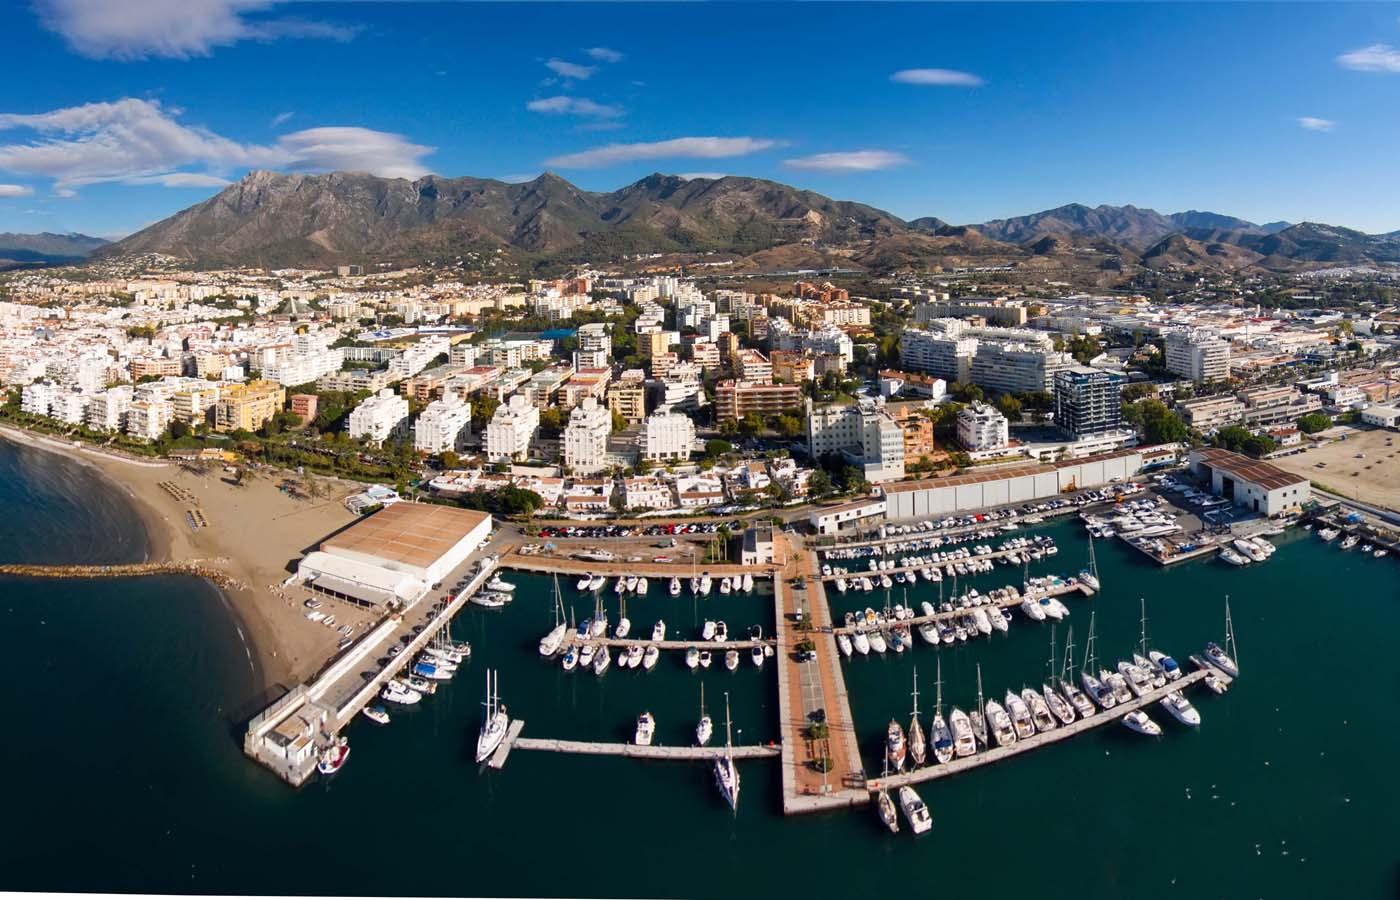 Inician proceso de información y participación sobre el futuro urbanístico de Marbella